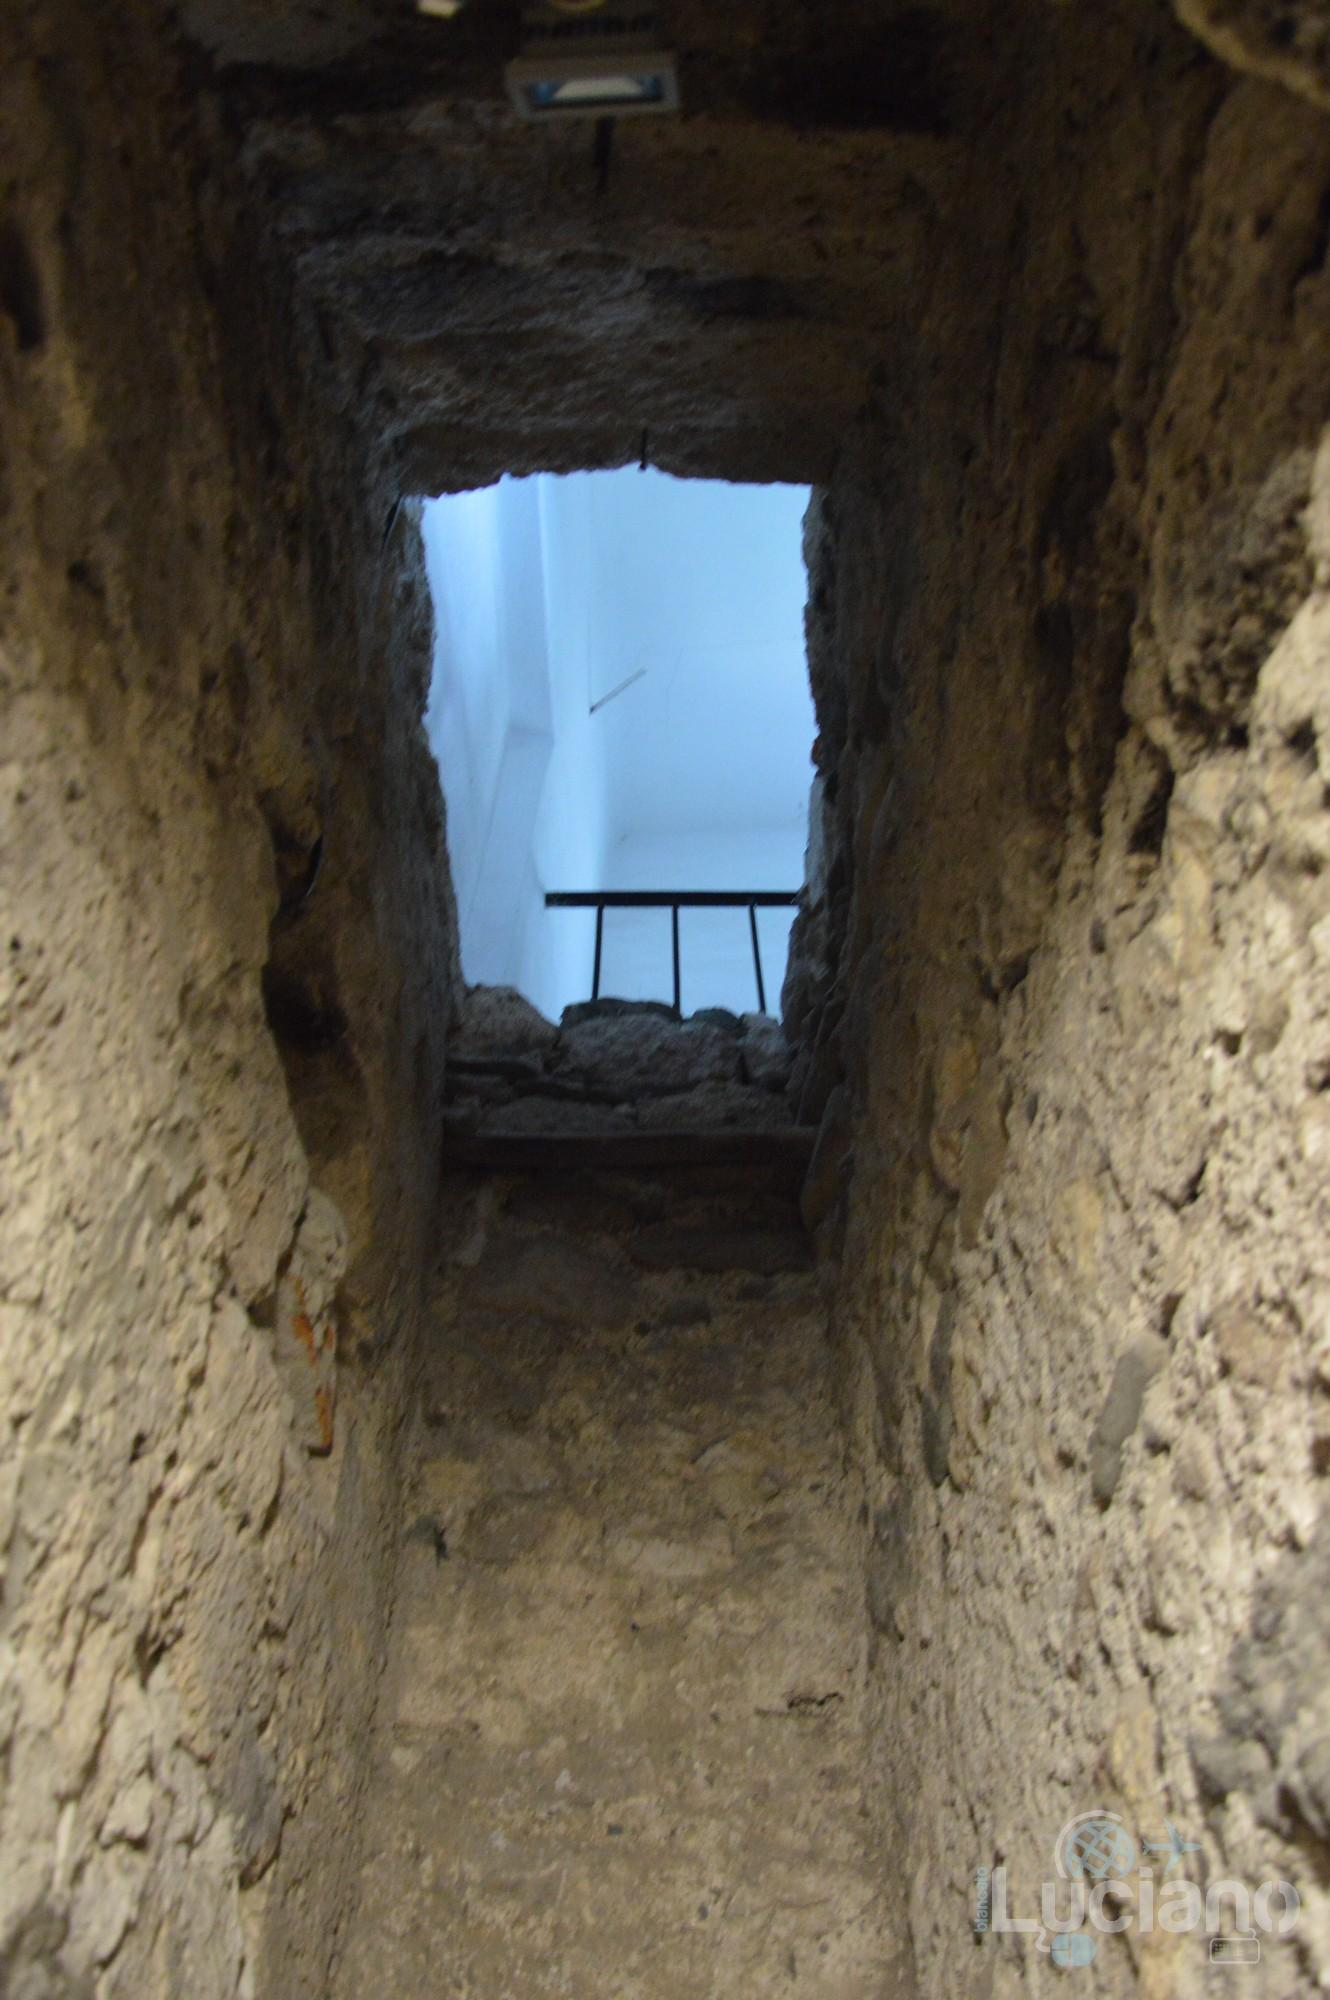 castello-di-dracula-castello-di-bran-luciano-blancato (53)